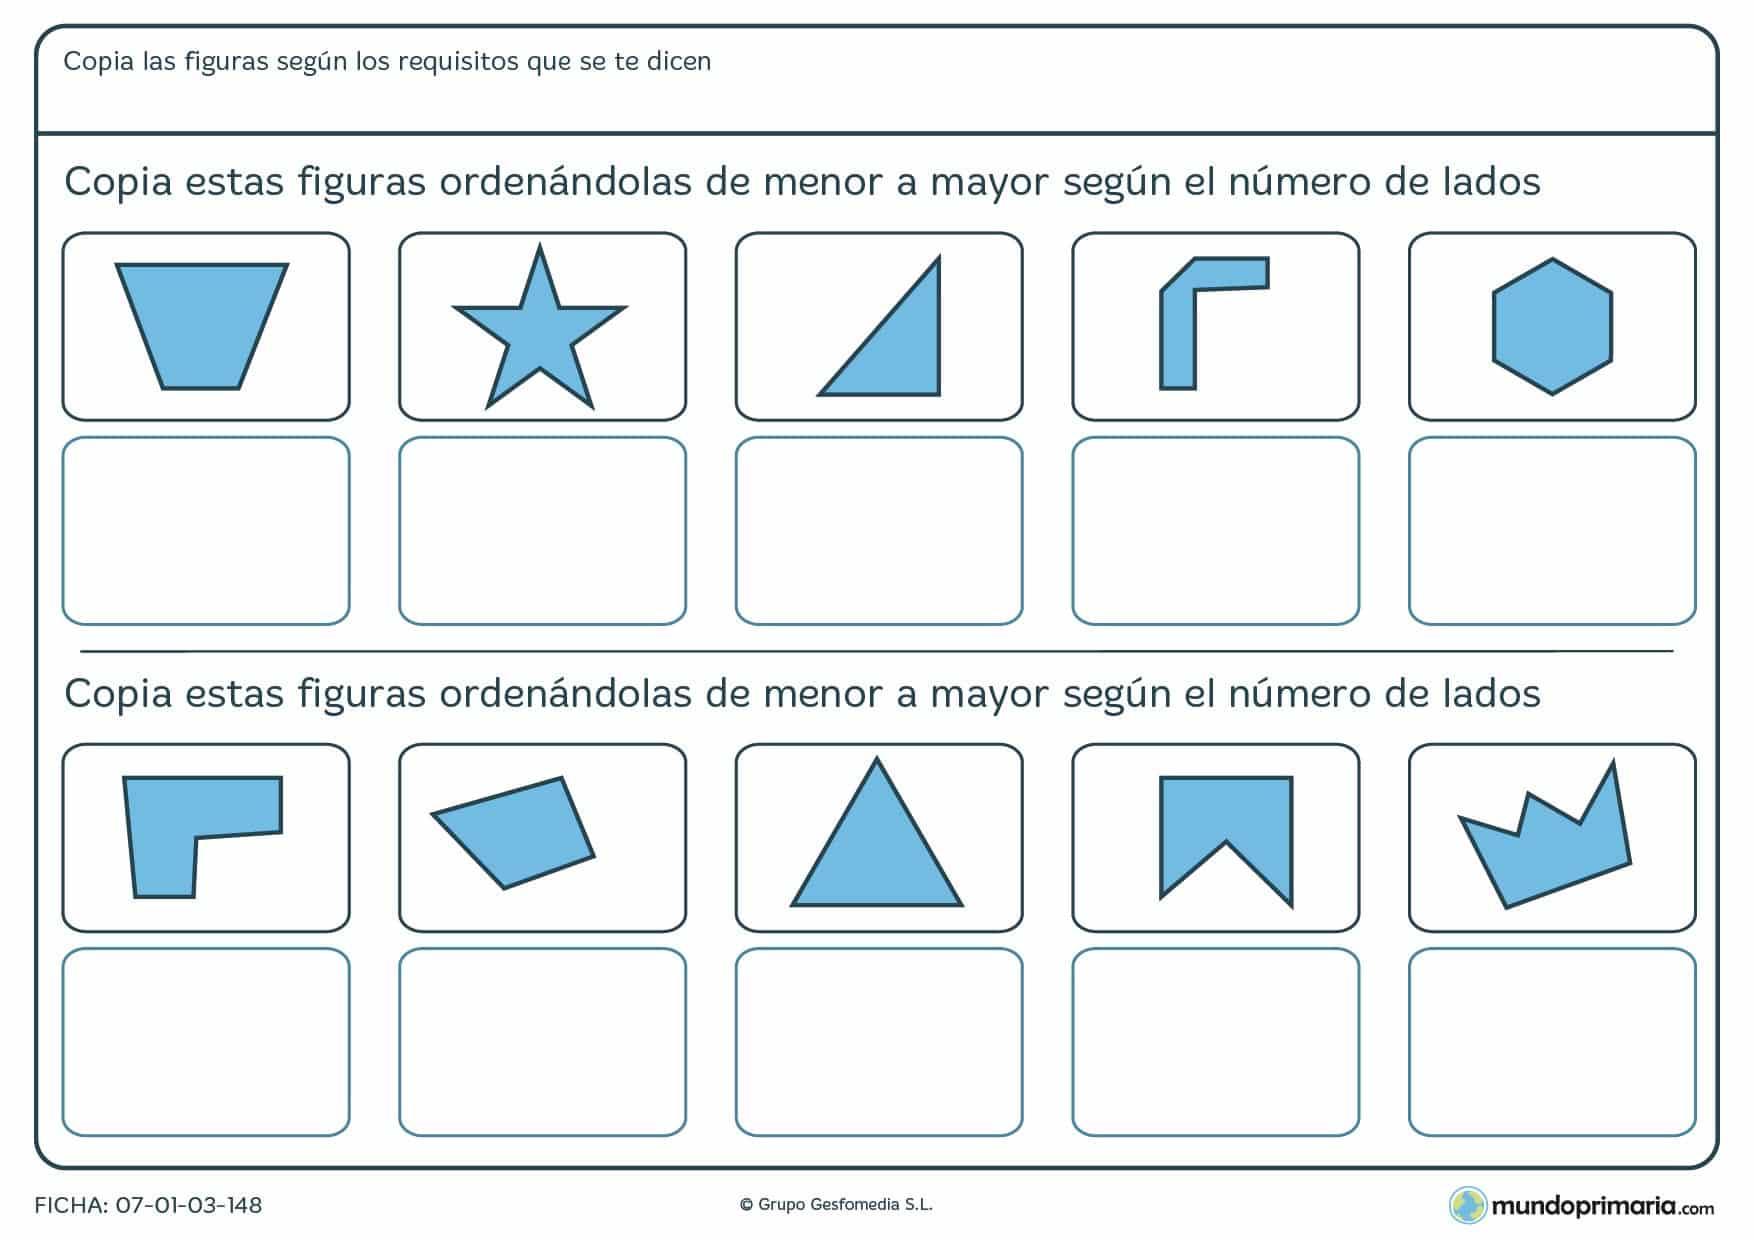 Ficha de ordenar menos lados o más de figuras geométricas según se pide.